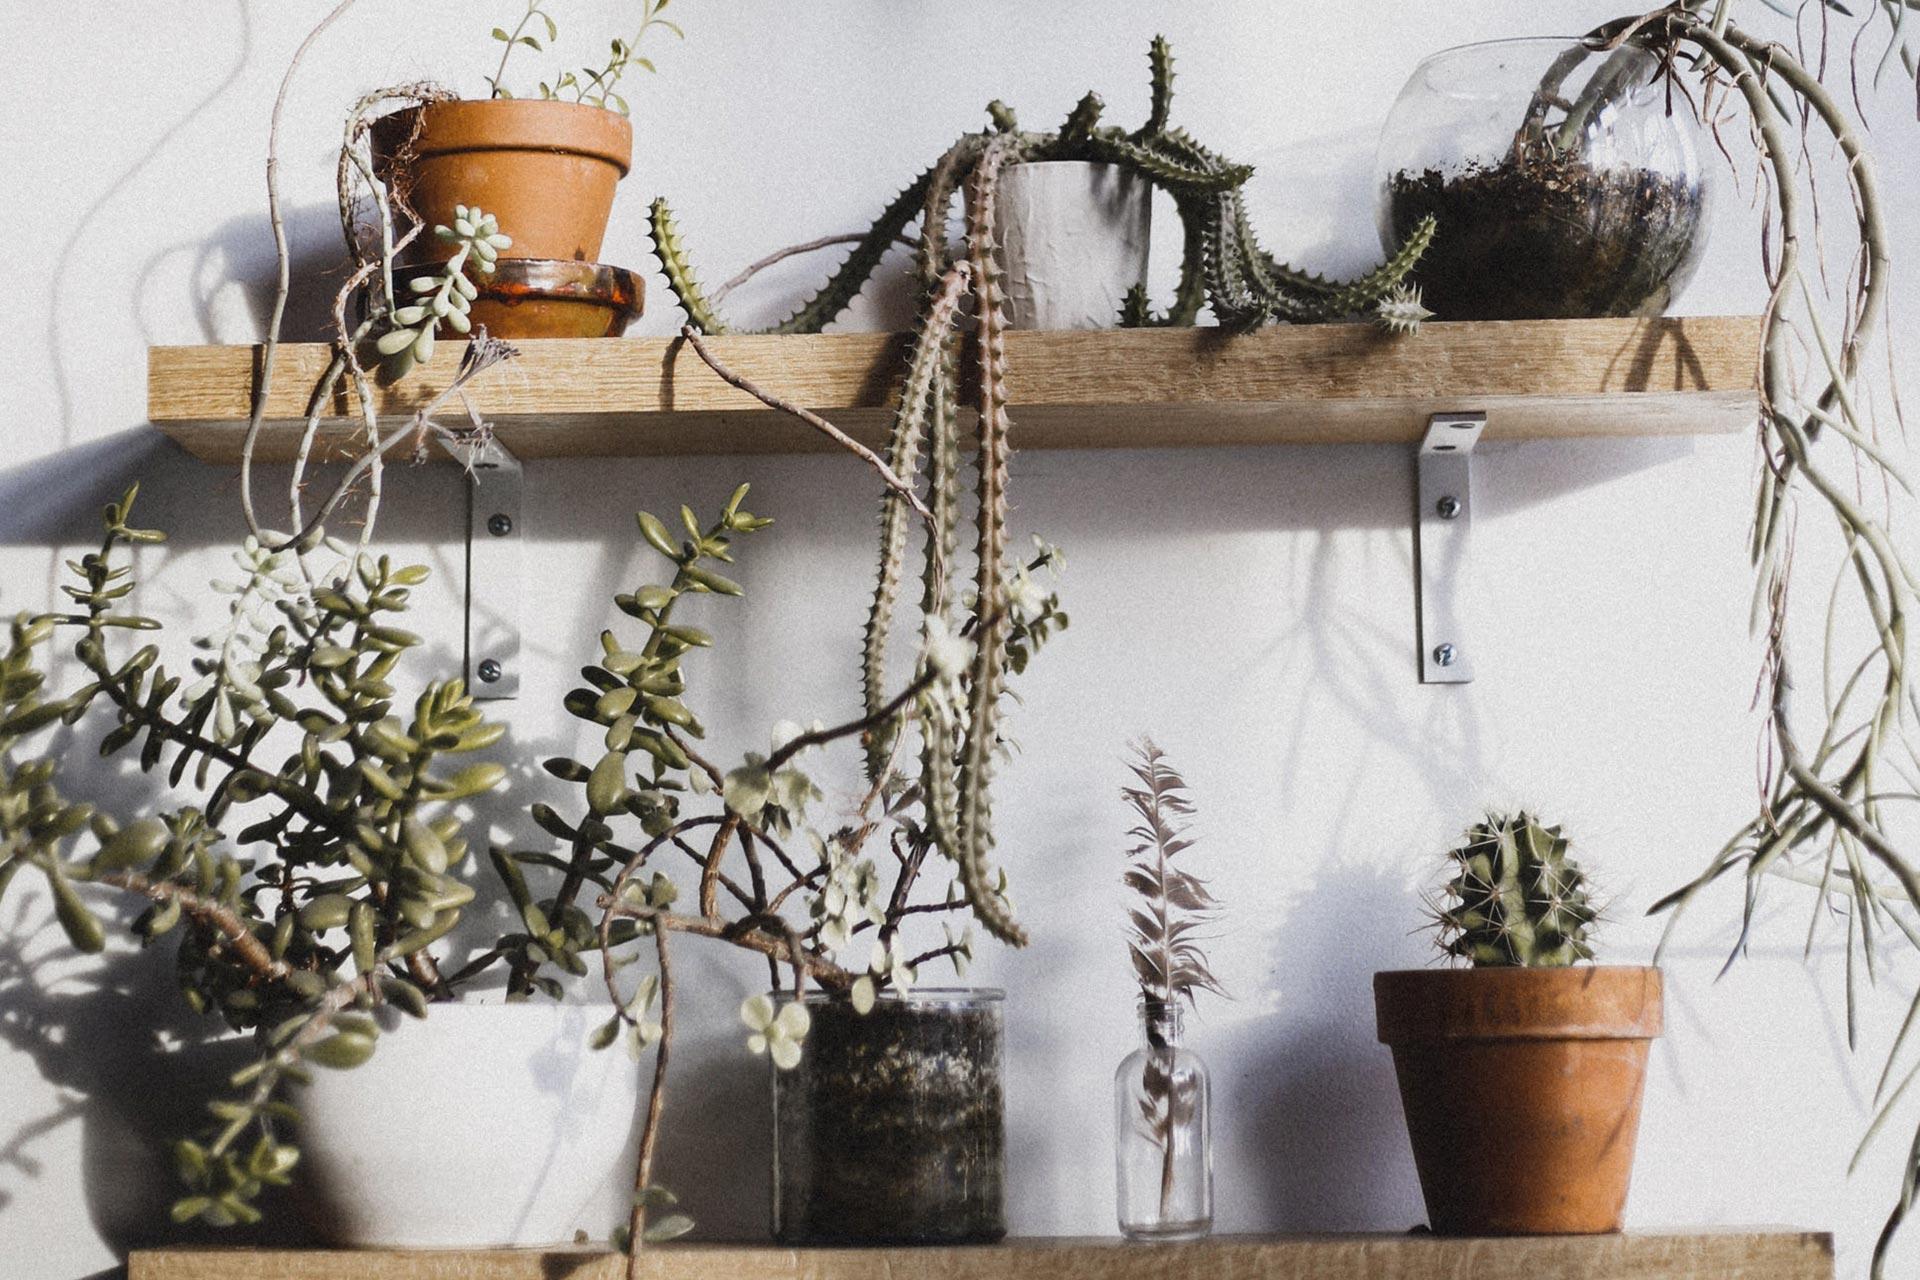 interieurinrichting-botanisch-wonen2